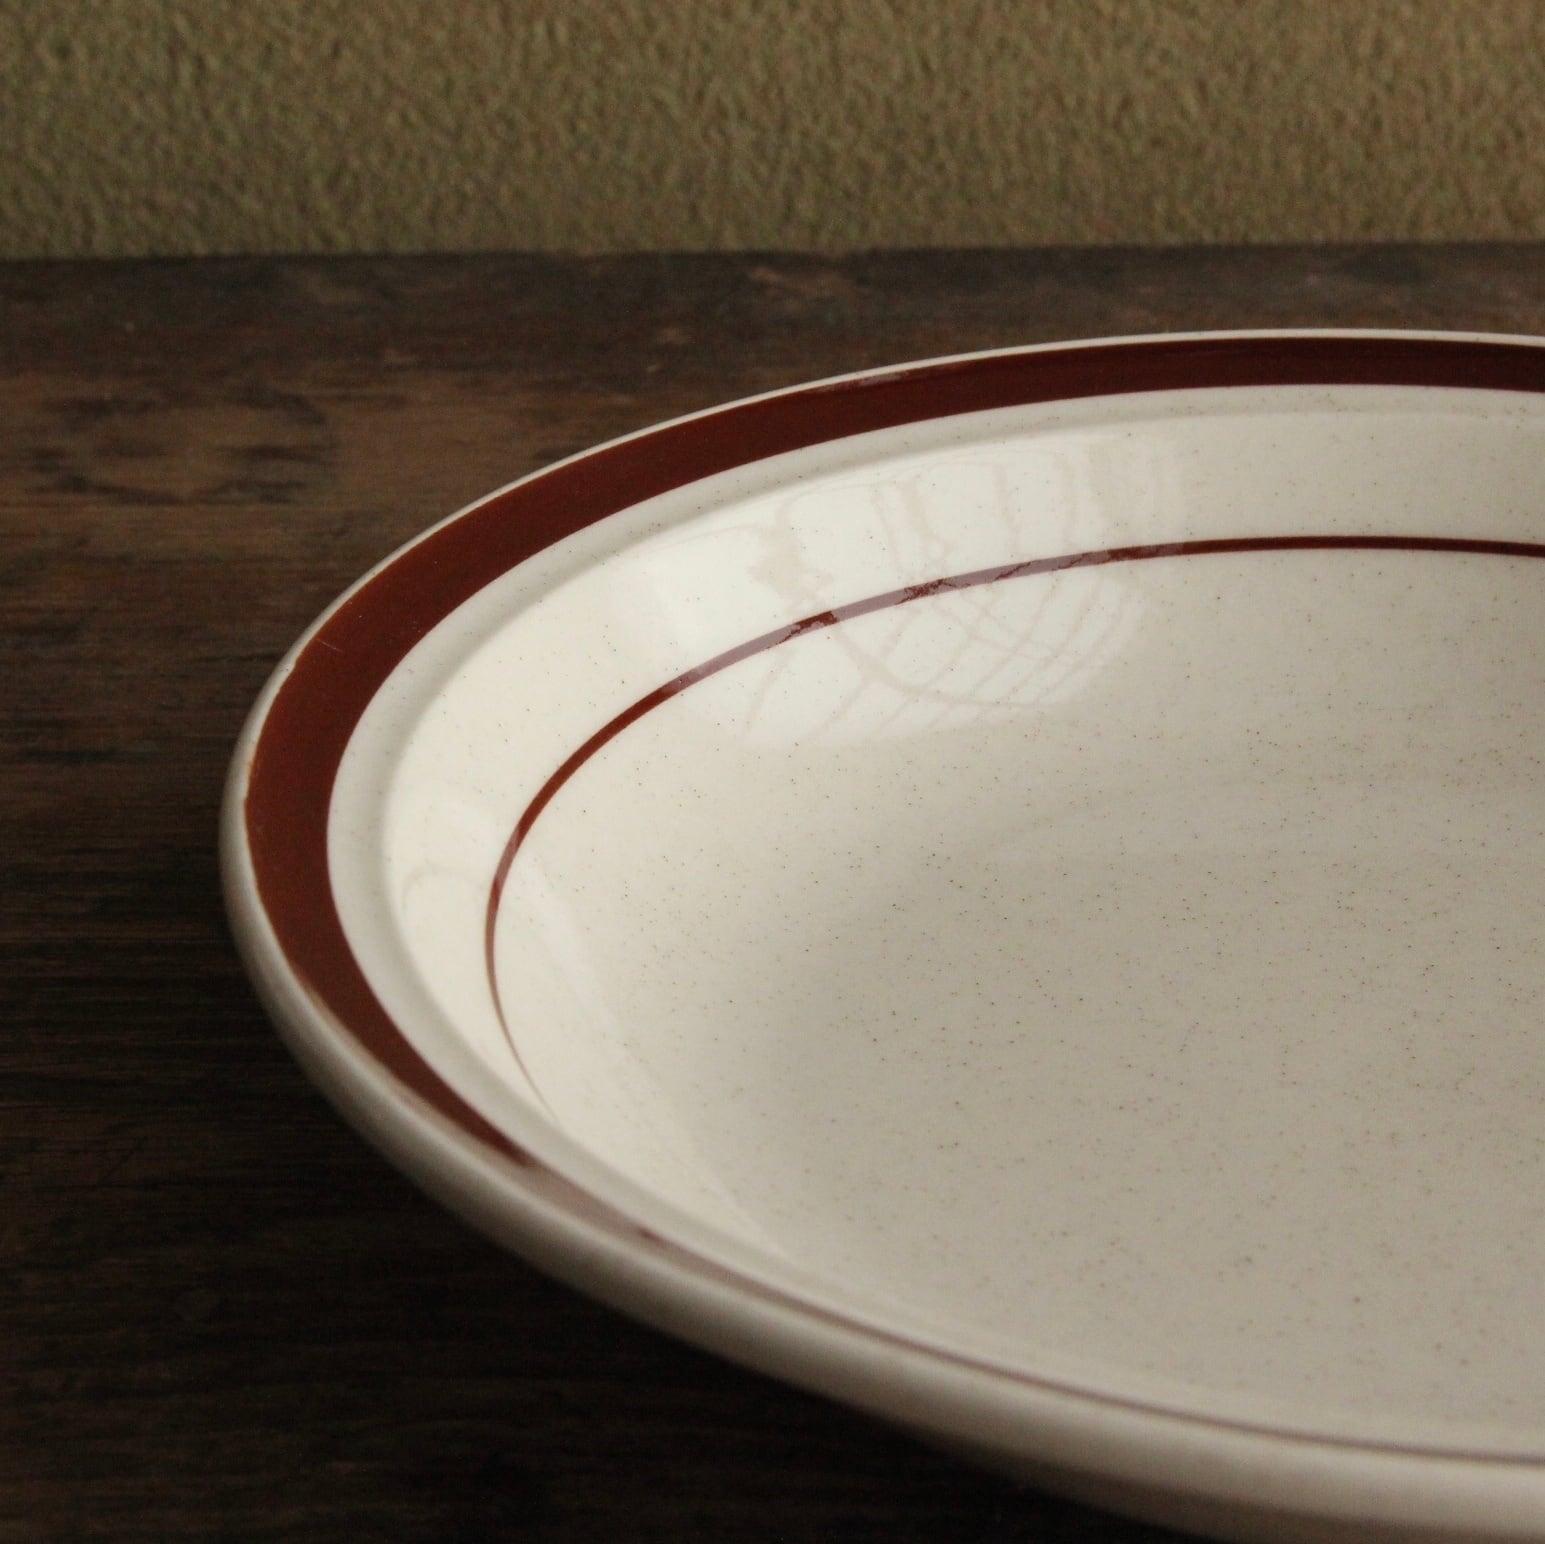 seyei  ブラウンラインのボウル皿 在庫3枚